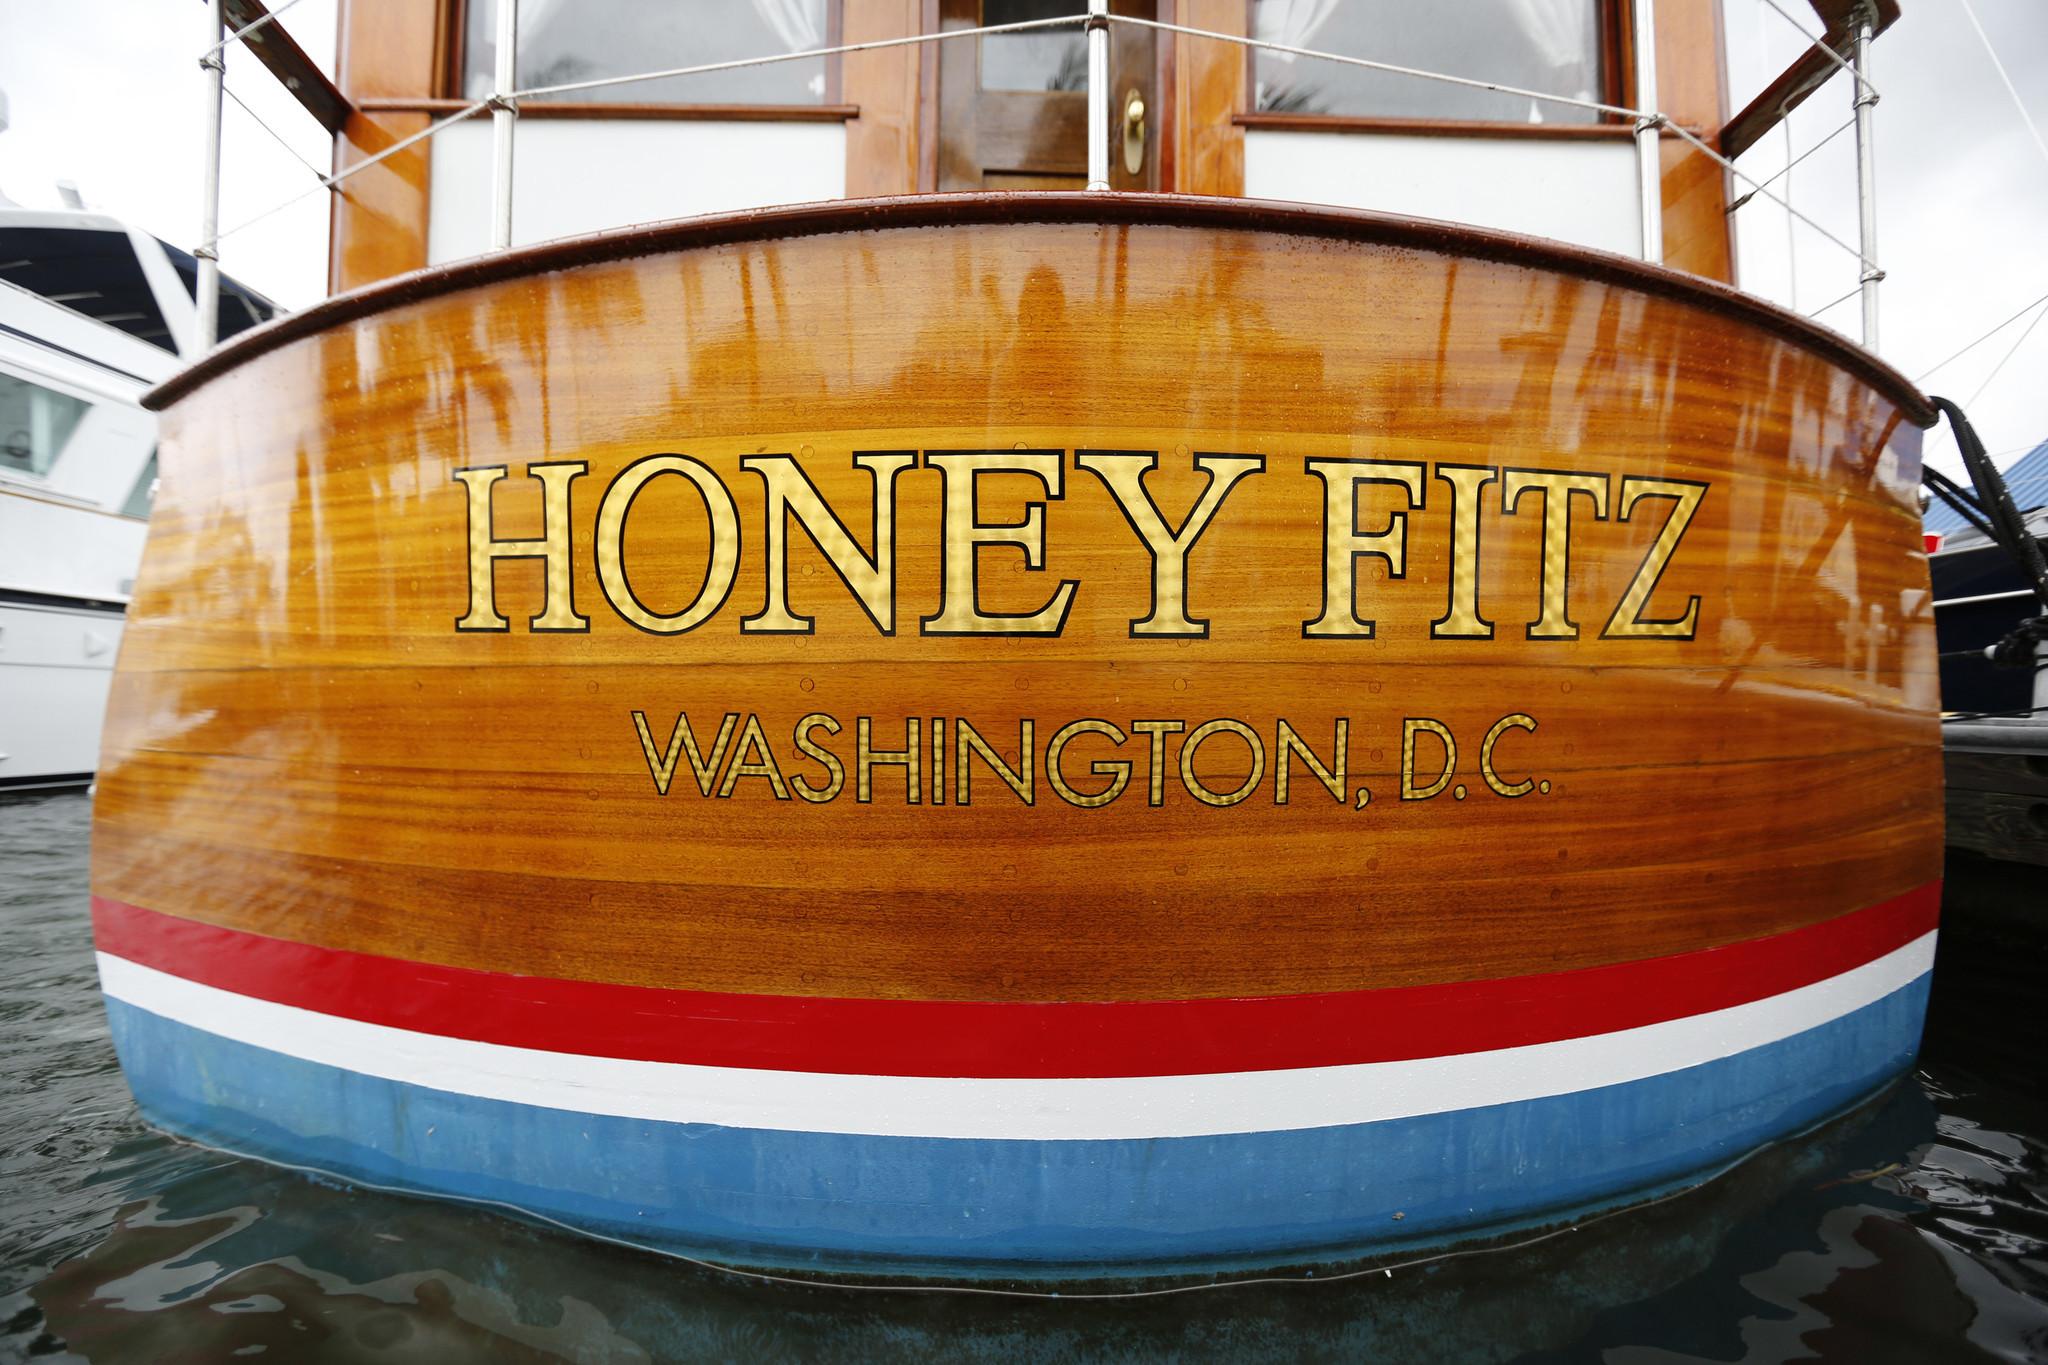 chi-jfks-yacht-the-honey-fitz-20131125